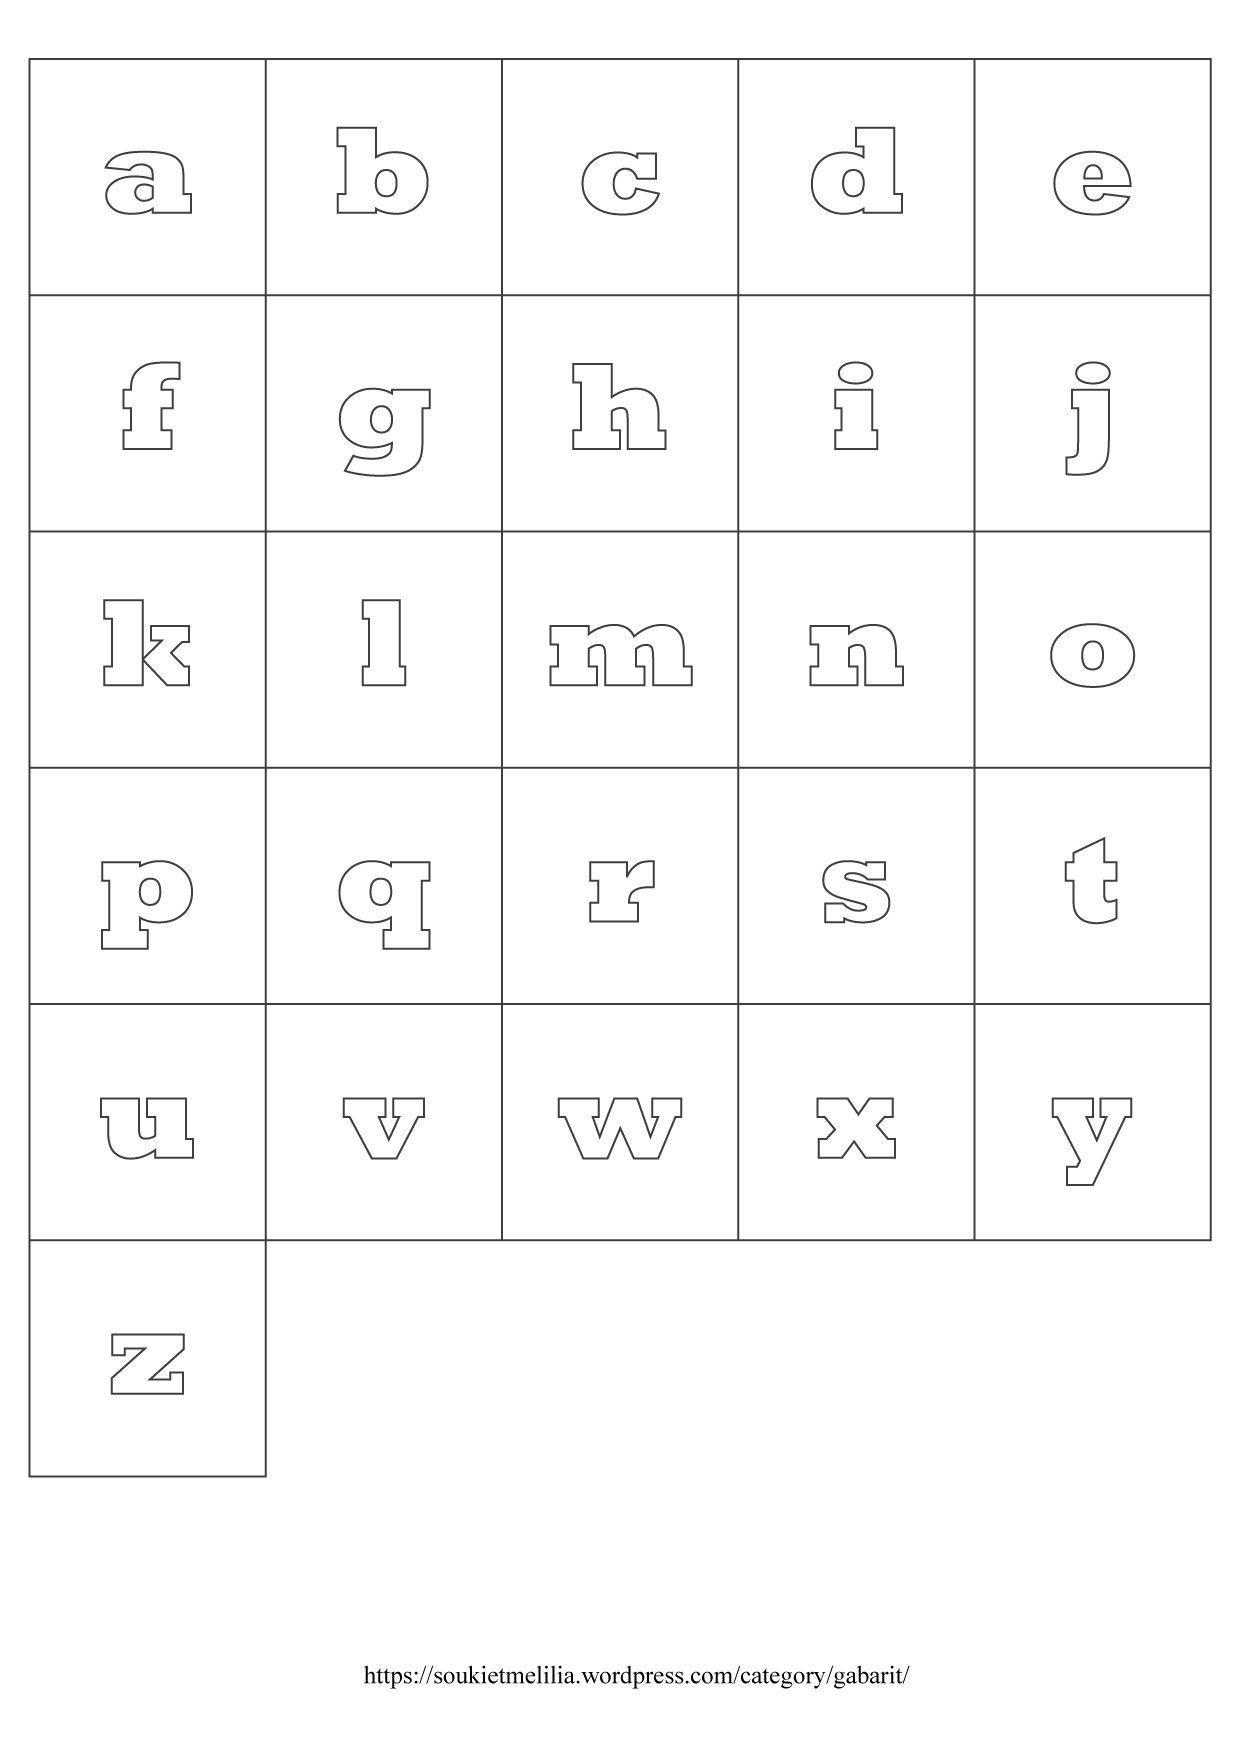 Gabarits Alphabet À Télécharger Au Format Pdf | Lettre destiné Alphabet Majuscule Et Minuscule